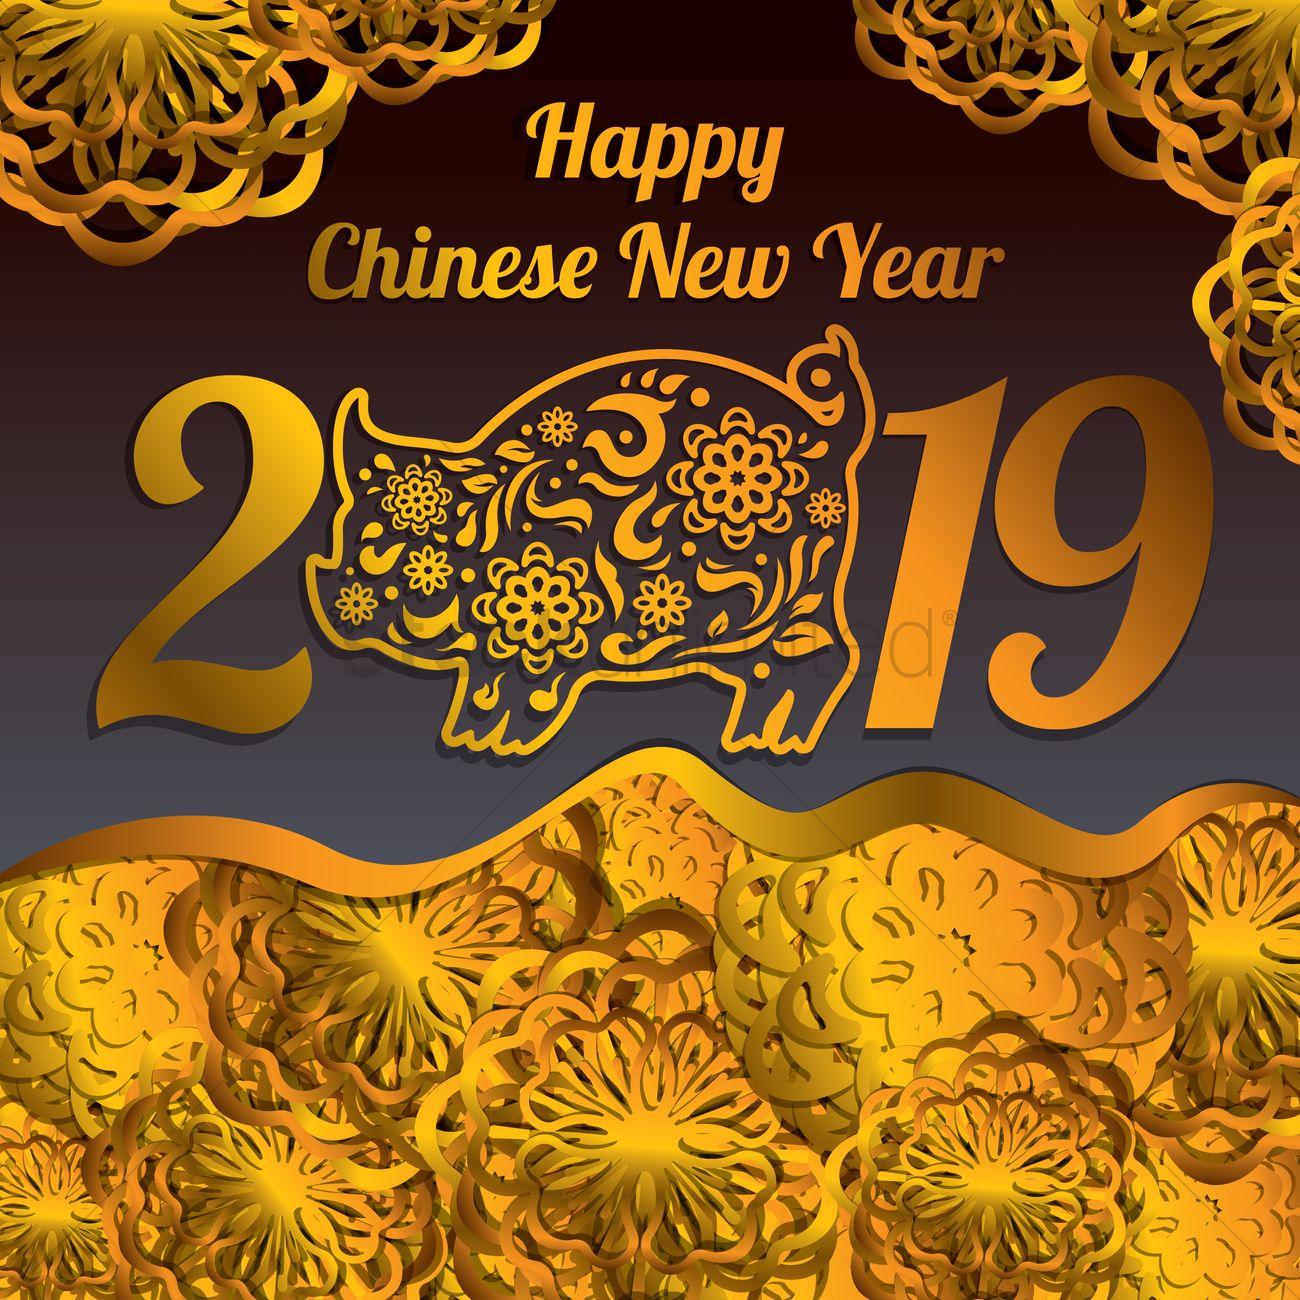 2019 chinese new year